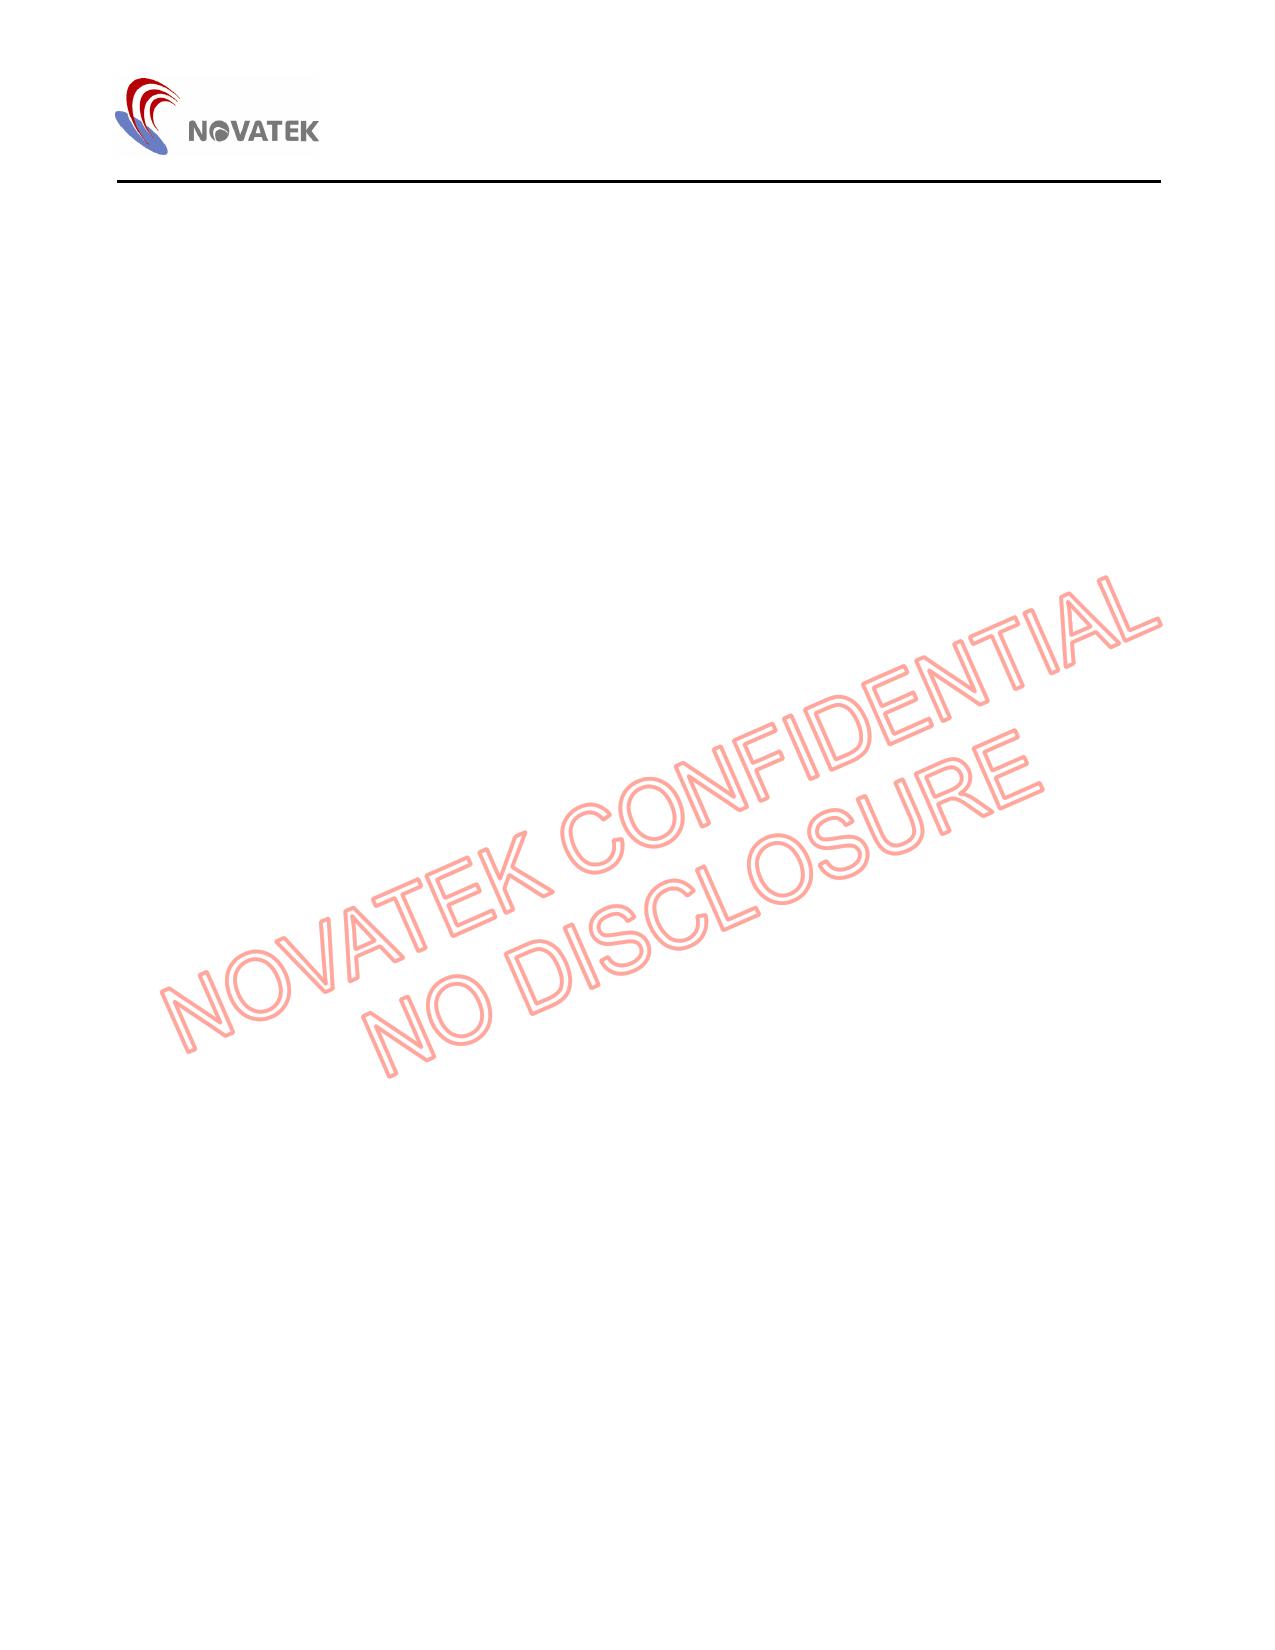 NT39211 pdf, schematic